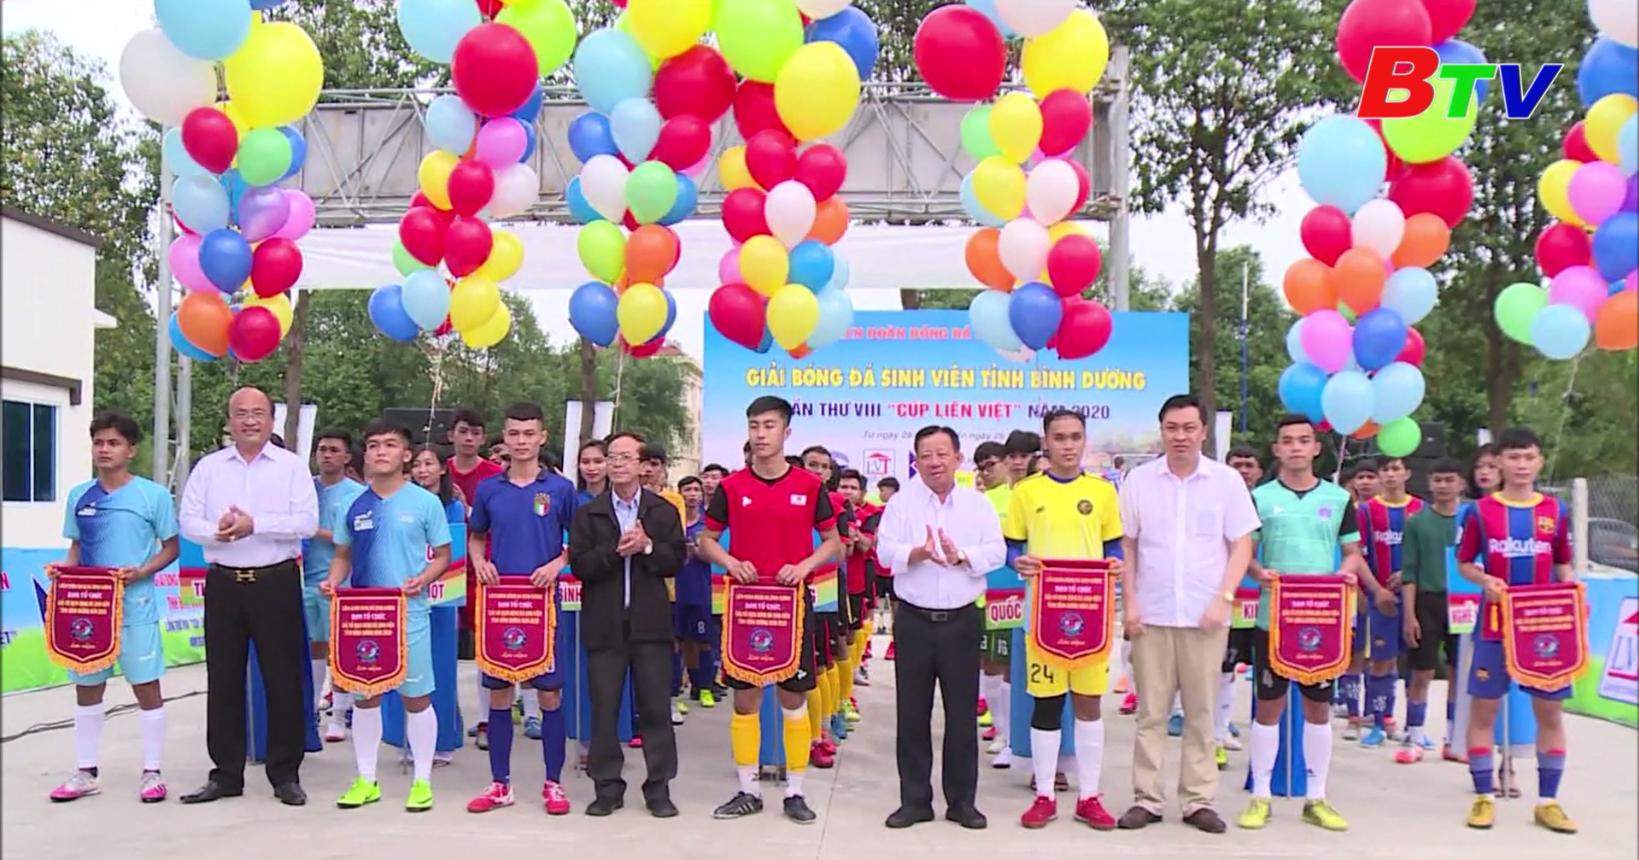 Giải bóng đá sinh viên tỉnh Bình Dương năm 2020 – Hứa hẹn chất lượng chuyên môn cao